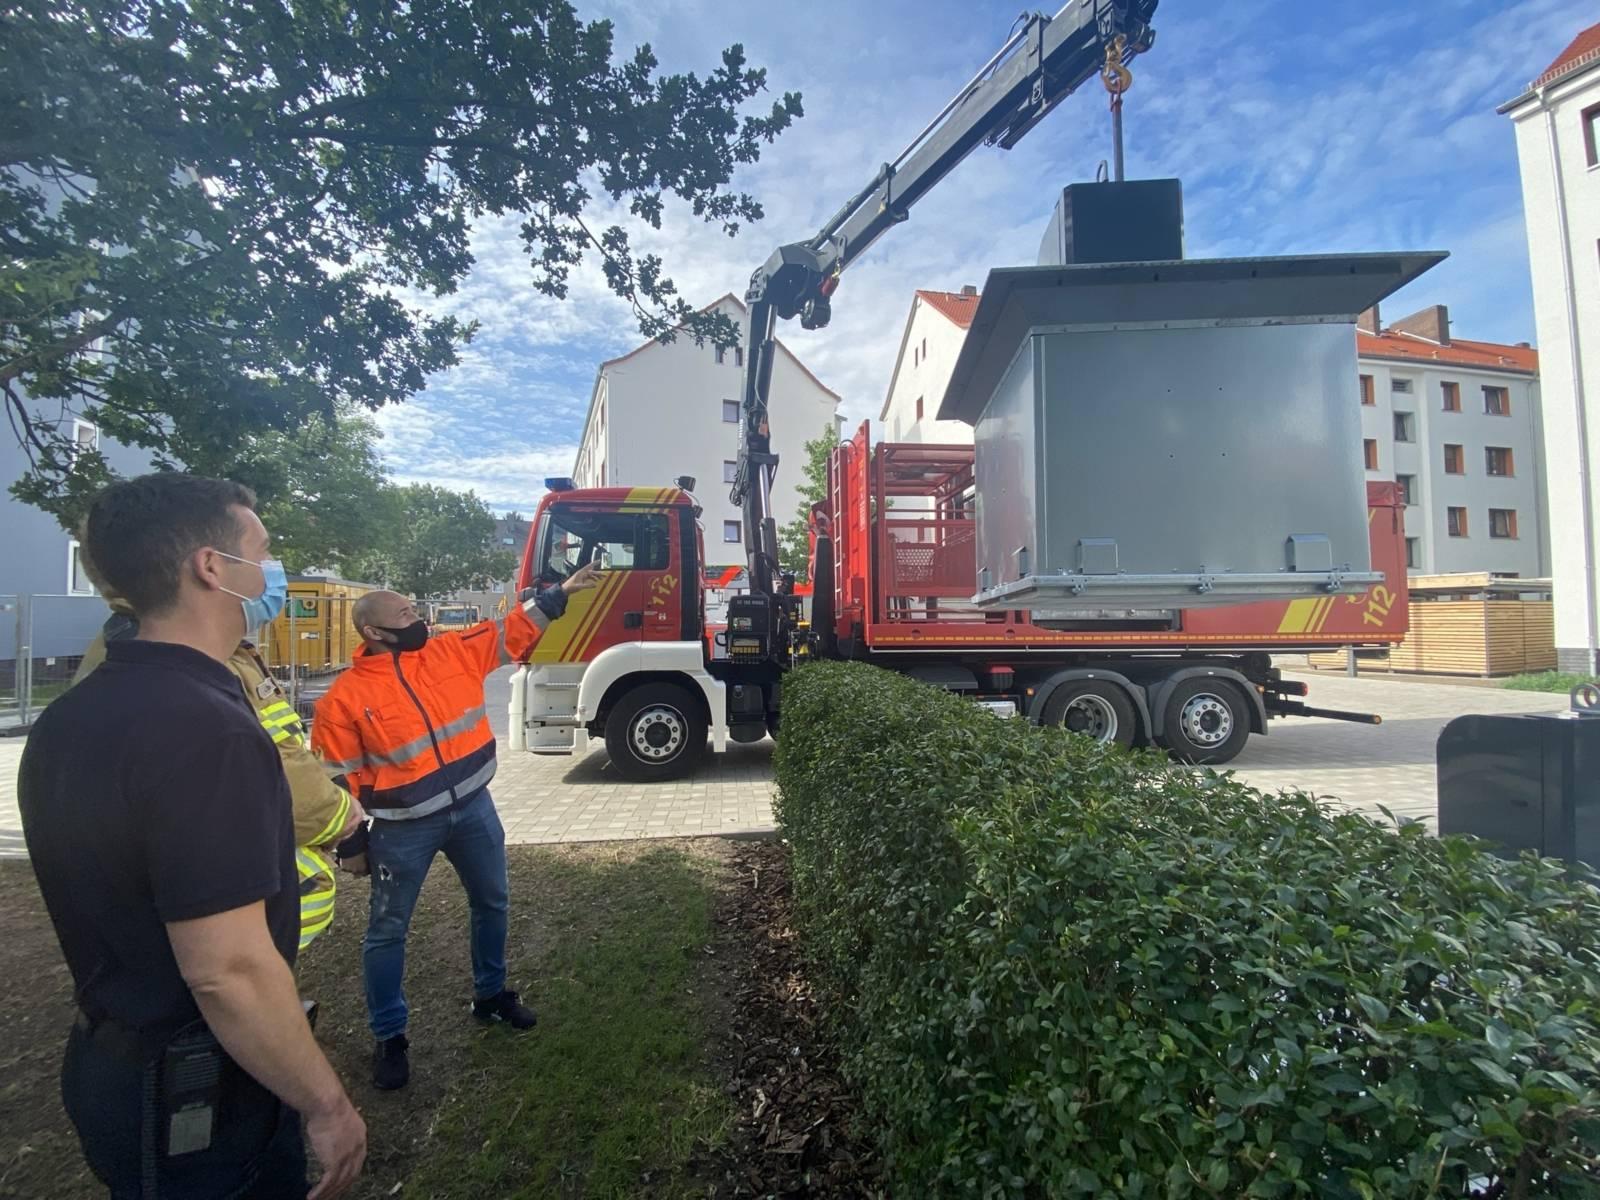 Aha-Mitarbeiter Cengiz Nisanci erklärt Wachabteilungsleiter York (vorne links) und der dritten Wachabteilung der FRW5 die Besonderheiten im Umgang mit den Müllsammelbehältern